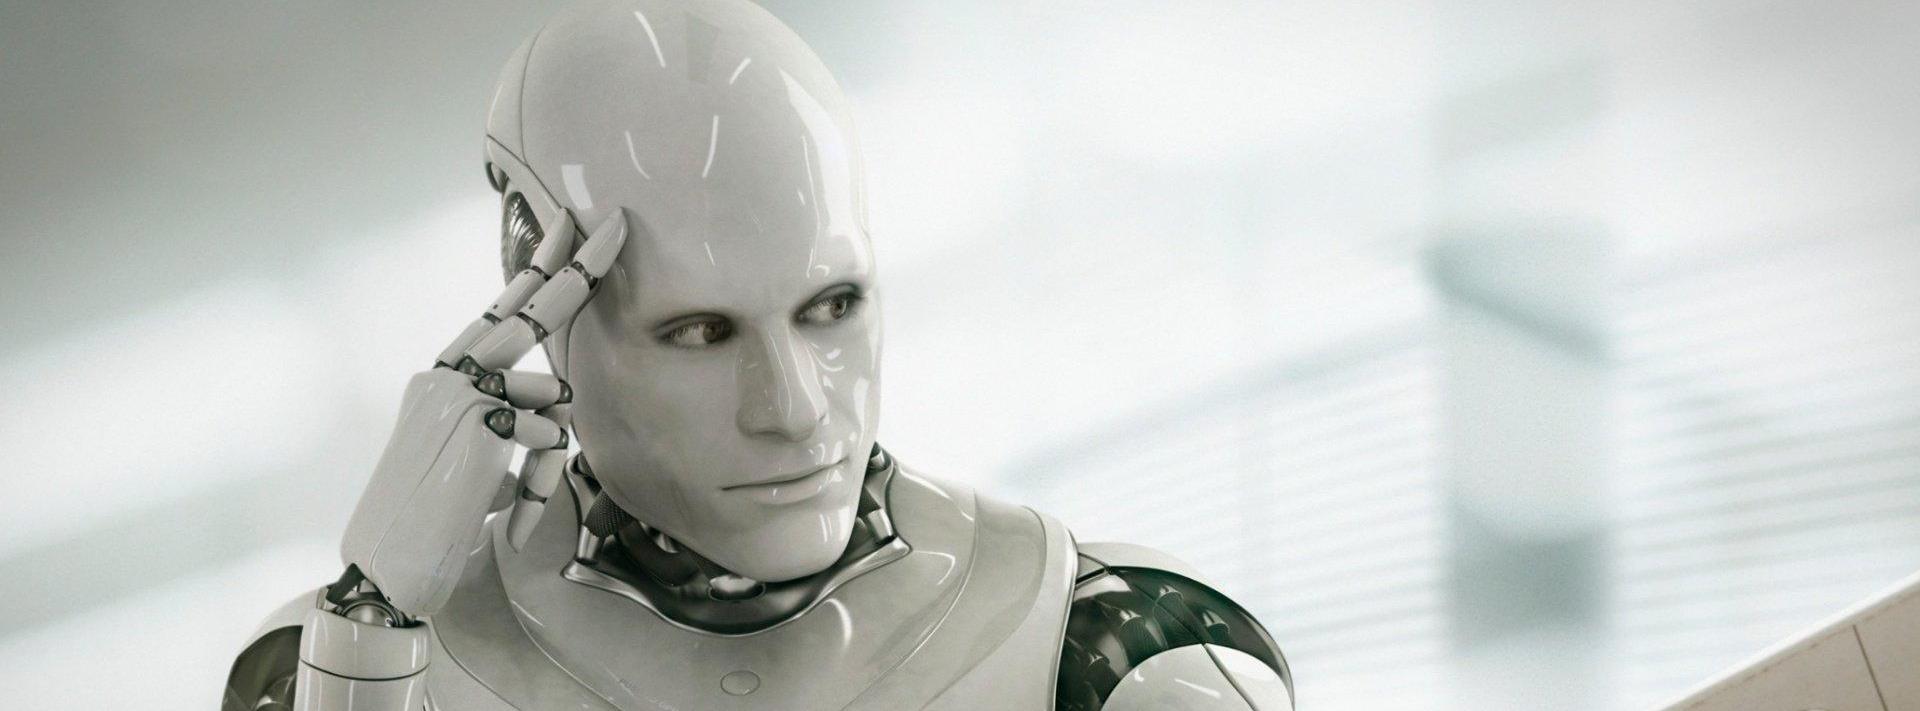 Футуристическая реальность: ТОП-10 горячих digital-профессий будущего